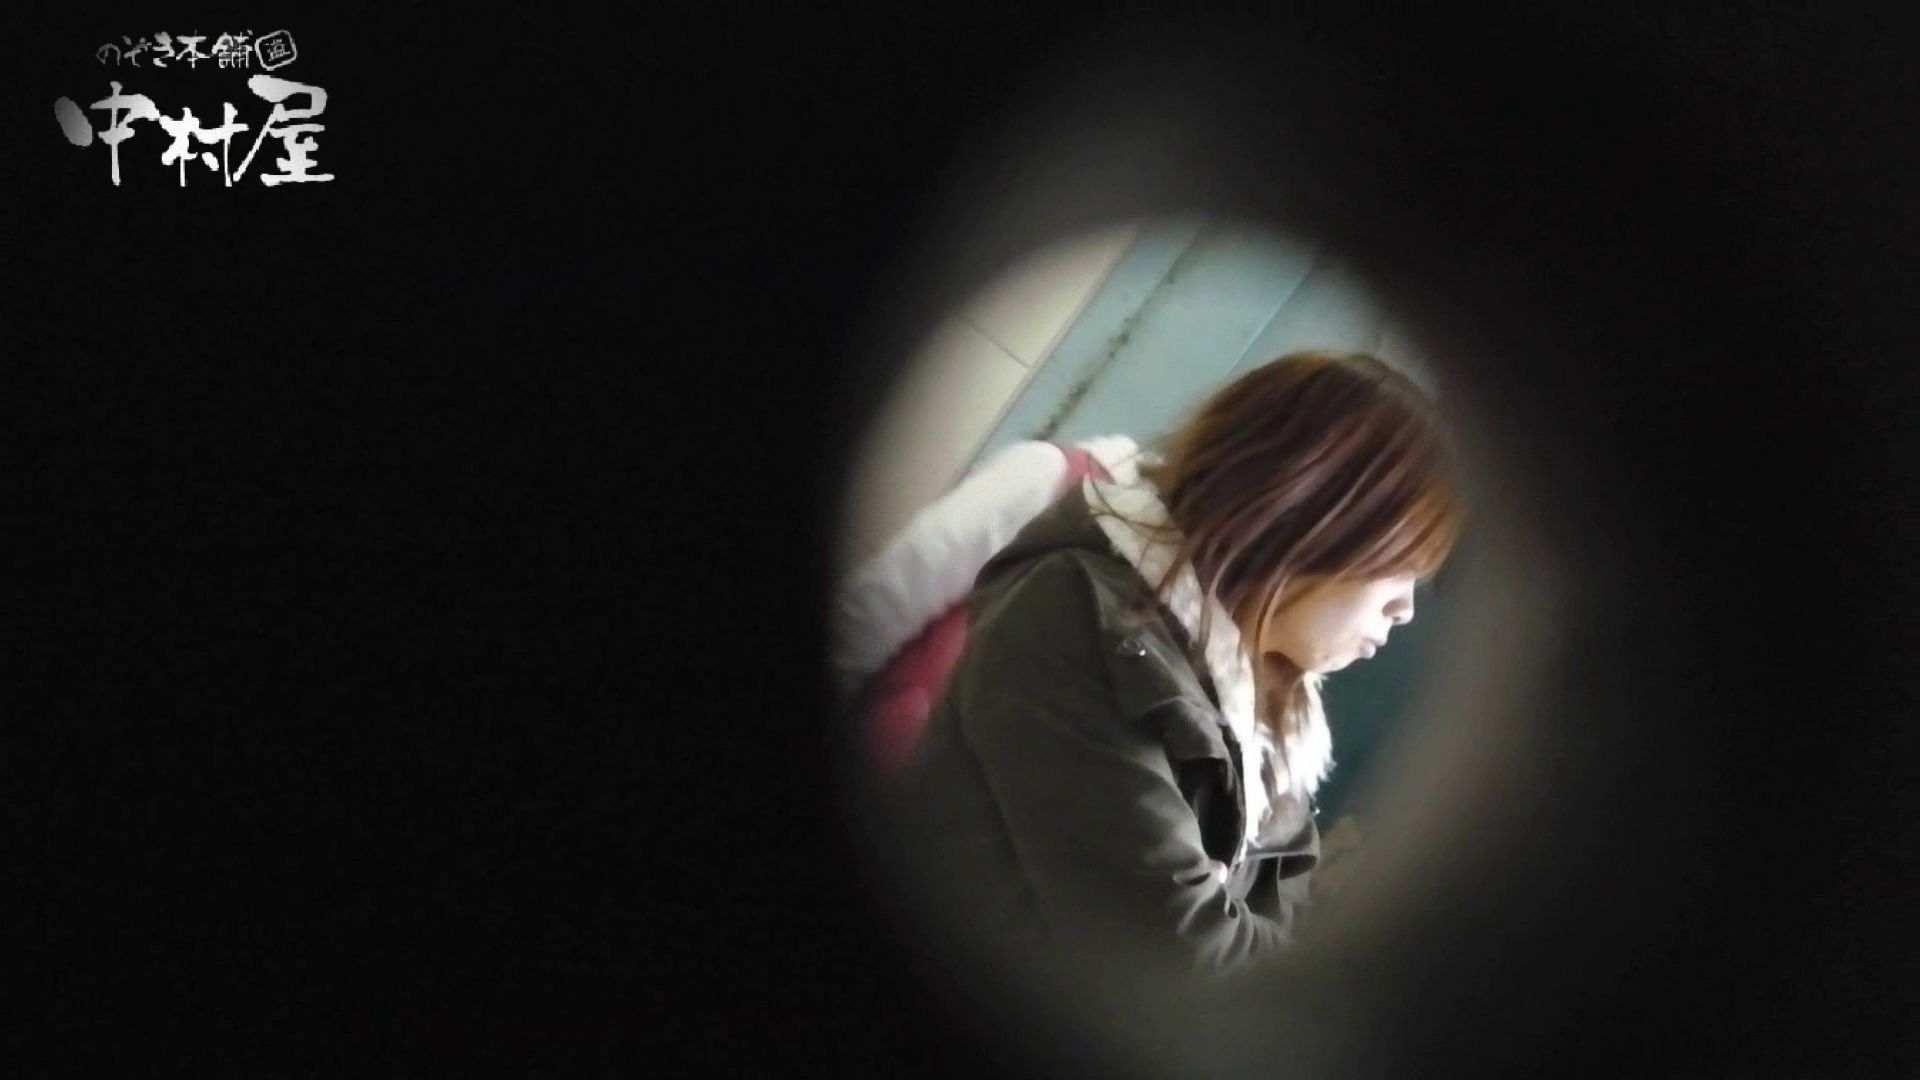 【世界の射窓から】世界の射窓から vol.18後編 0 | 0  88pic 61